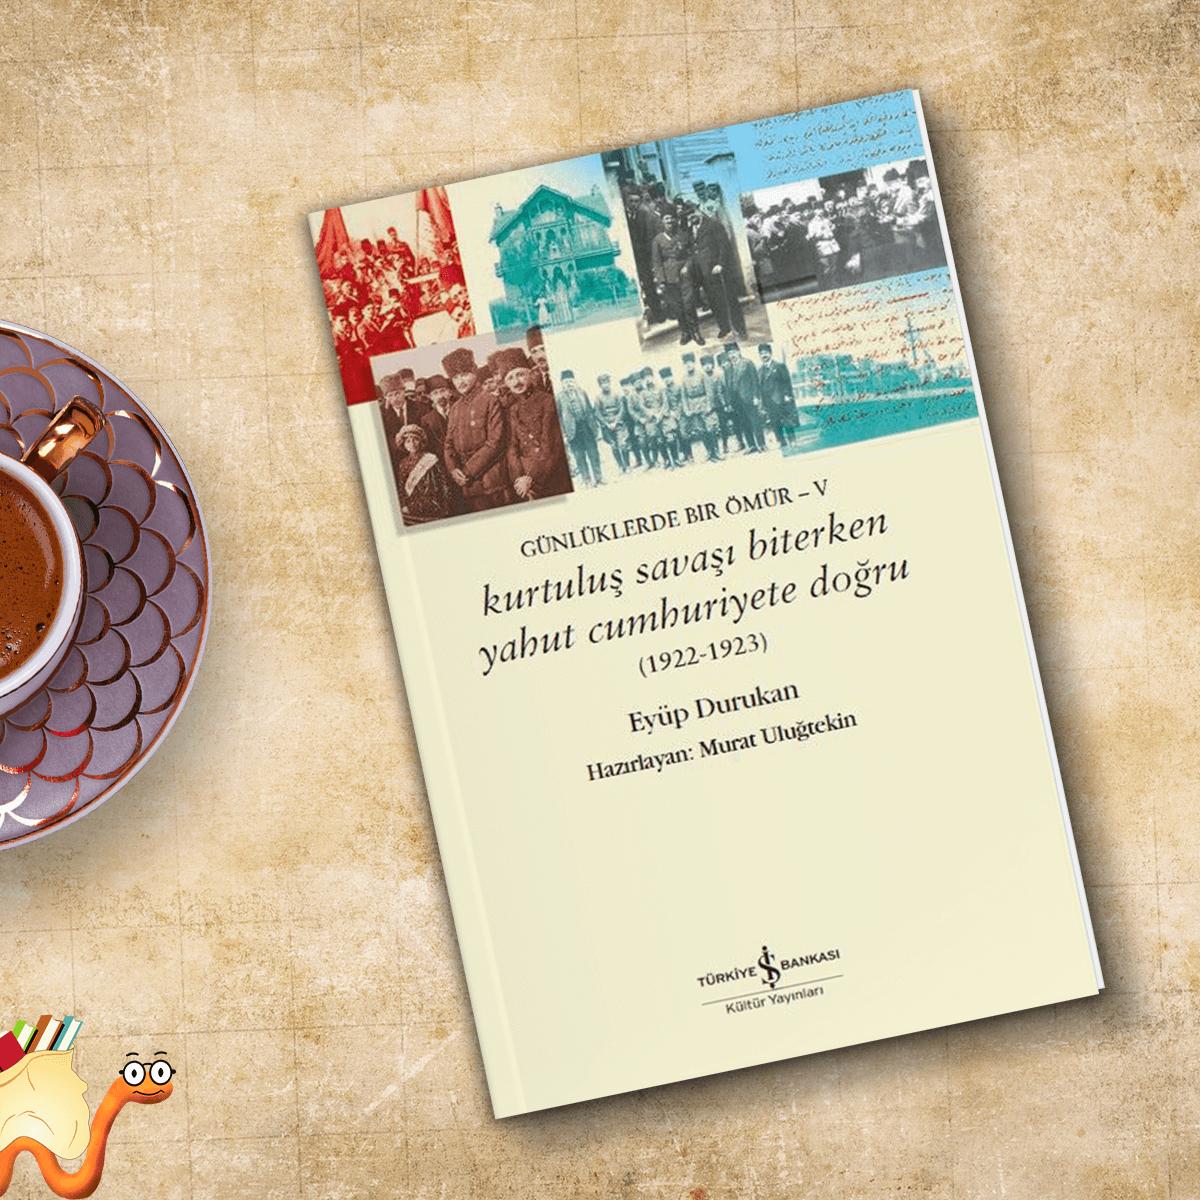 Eyüp Durukan 24 Temmuz 1923'te imzalanan Lozan Barış Antlaşması ile bağımsızlığını kazanan Türkiye'nin, Cumhuriyet'e giden yolda geçirdiklerinin yakın tanıklarından biriydi. 📕 Kitabı incelemek için👉 https://t.co/sWT8EkD52x #kitap #kitapyurdu @iskultur https://t.co/Q2xXqm5n0Q